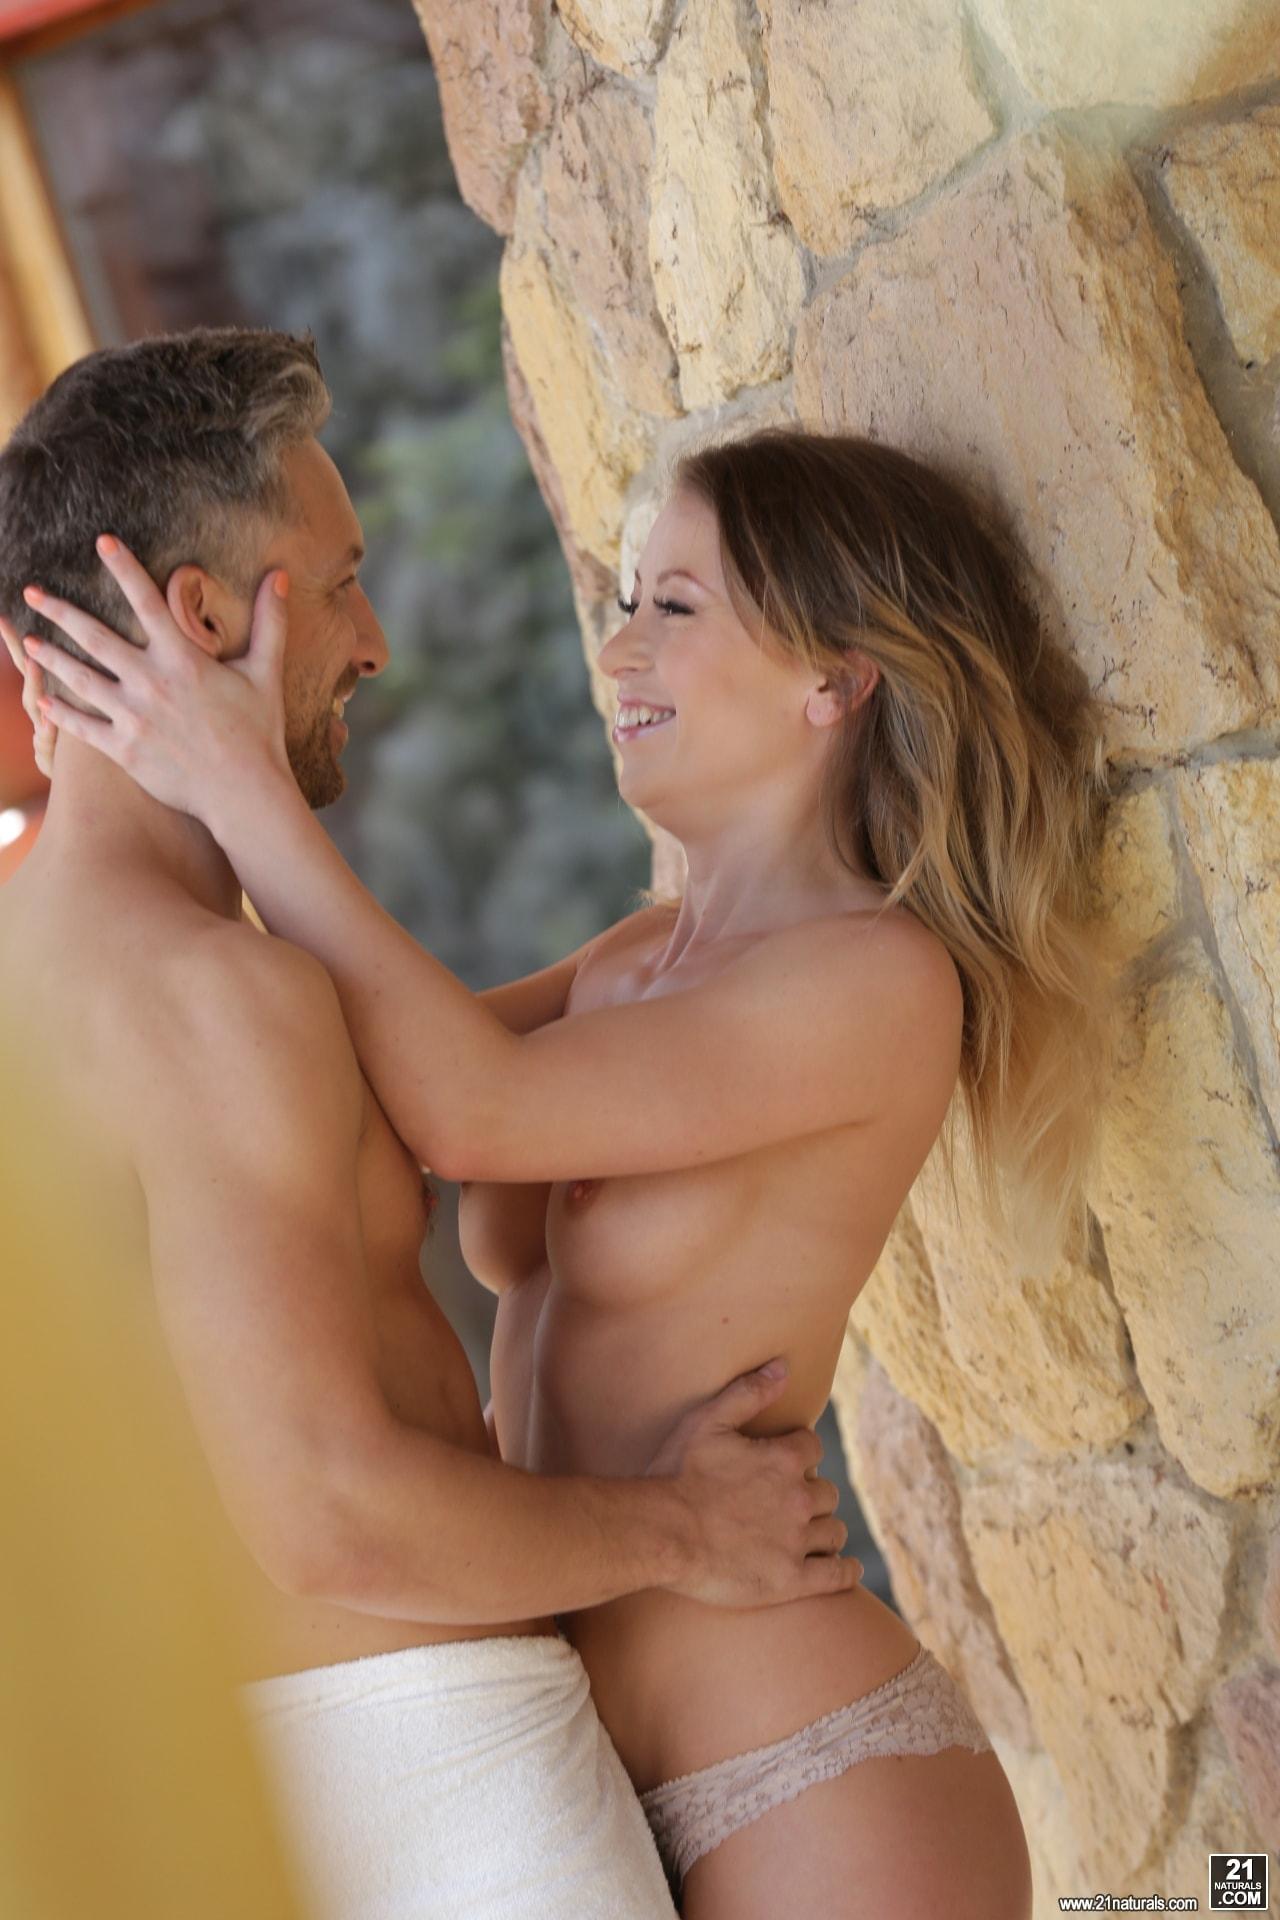 21Sextury 'Garden Sex' starring Vera Wonder (Photo 36)